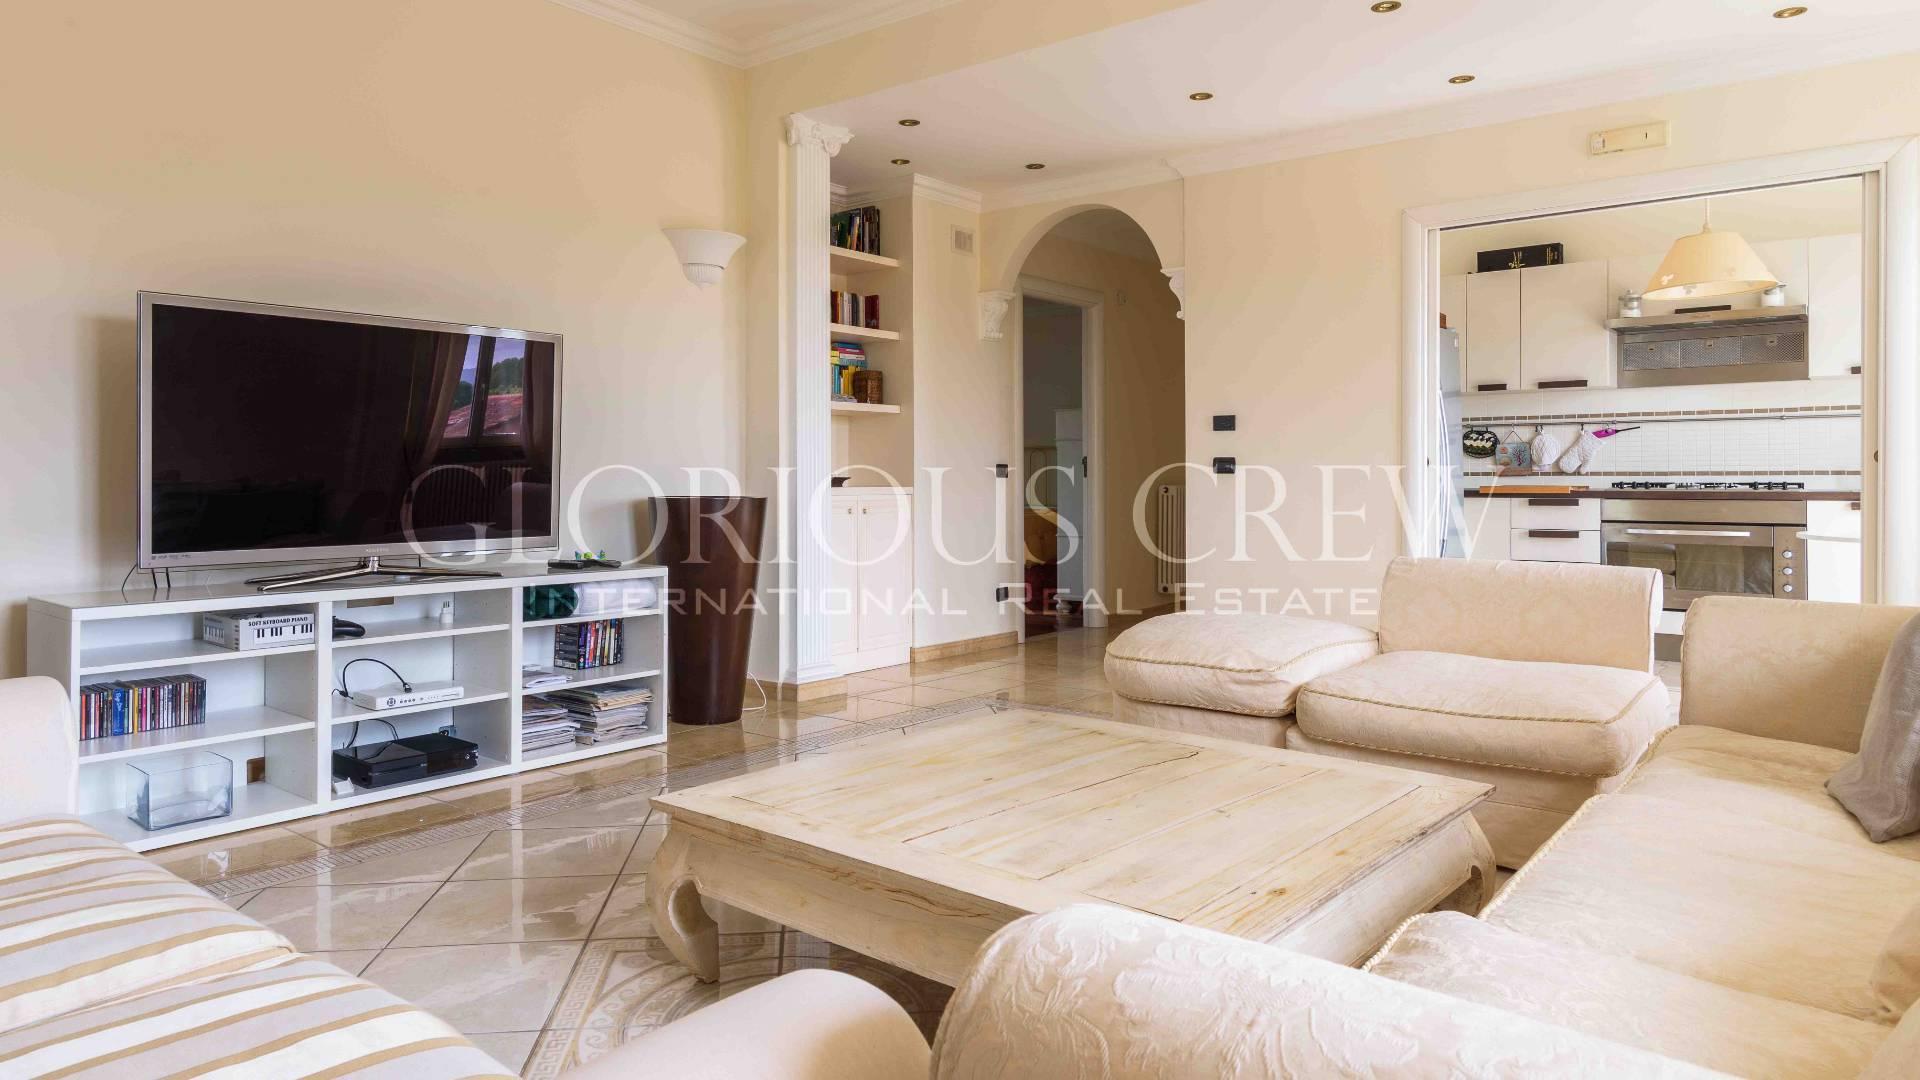 Appartamento in Vendita a Forte Dei Marmi: 4 locali, 155 mq - Foto 11